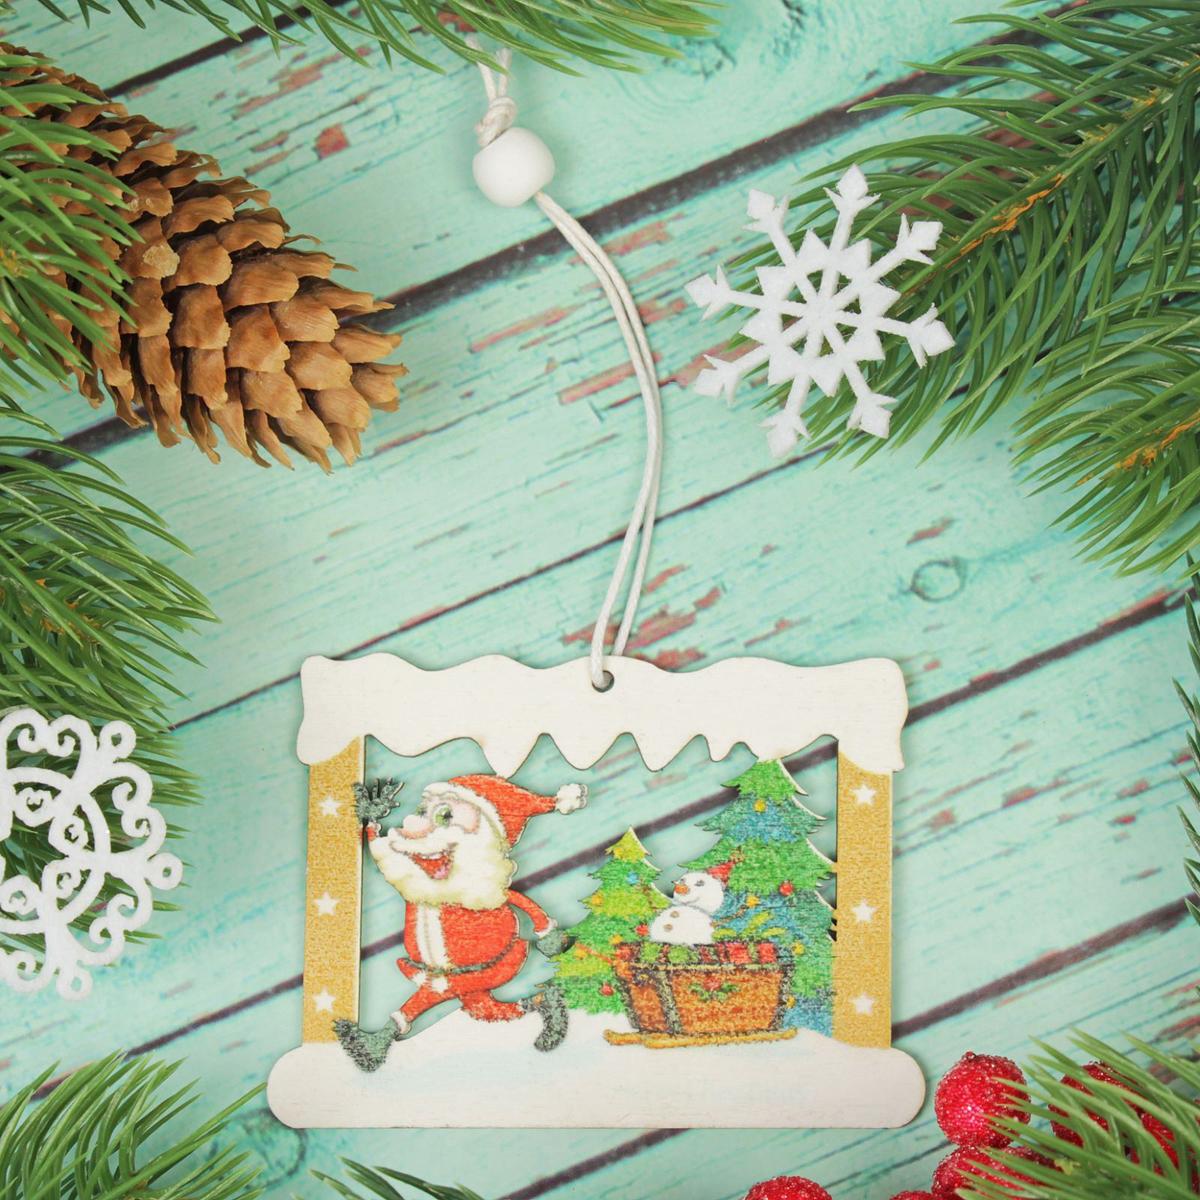 Украшение новогоднее подвесное Дед Мороз в окошечке2303449Новогоднее украшение, выполненное из дерева, отлично подойдет для декорации вашего дома и новогодней ели. С помощью специальной петельки украшение можно повесить в любом понравившемся вам месте. Но, конечно, удачнее всего оно будет смотреться на праздничной елке.Елочная игрушка - символ Нового года. Она несет в себе волшебство и красоту праздника. Такое украшение создаст в вашем доме атмосферу праздника, веселья и радости.